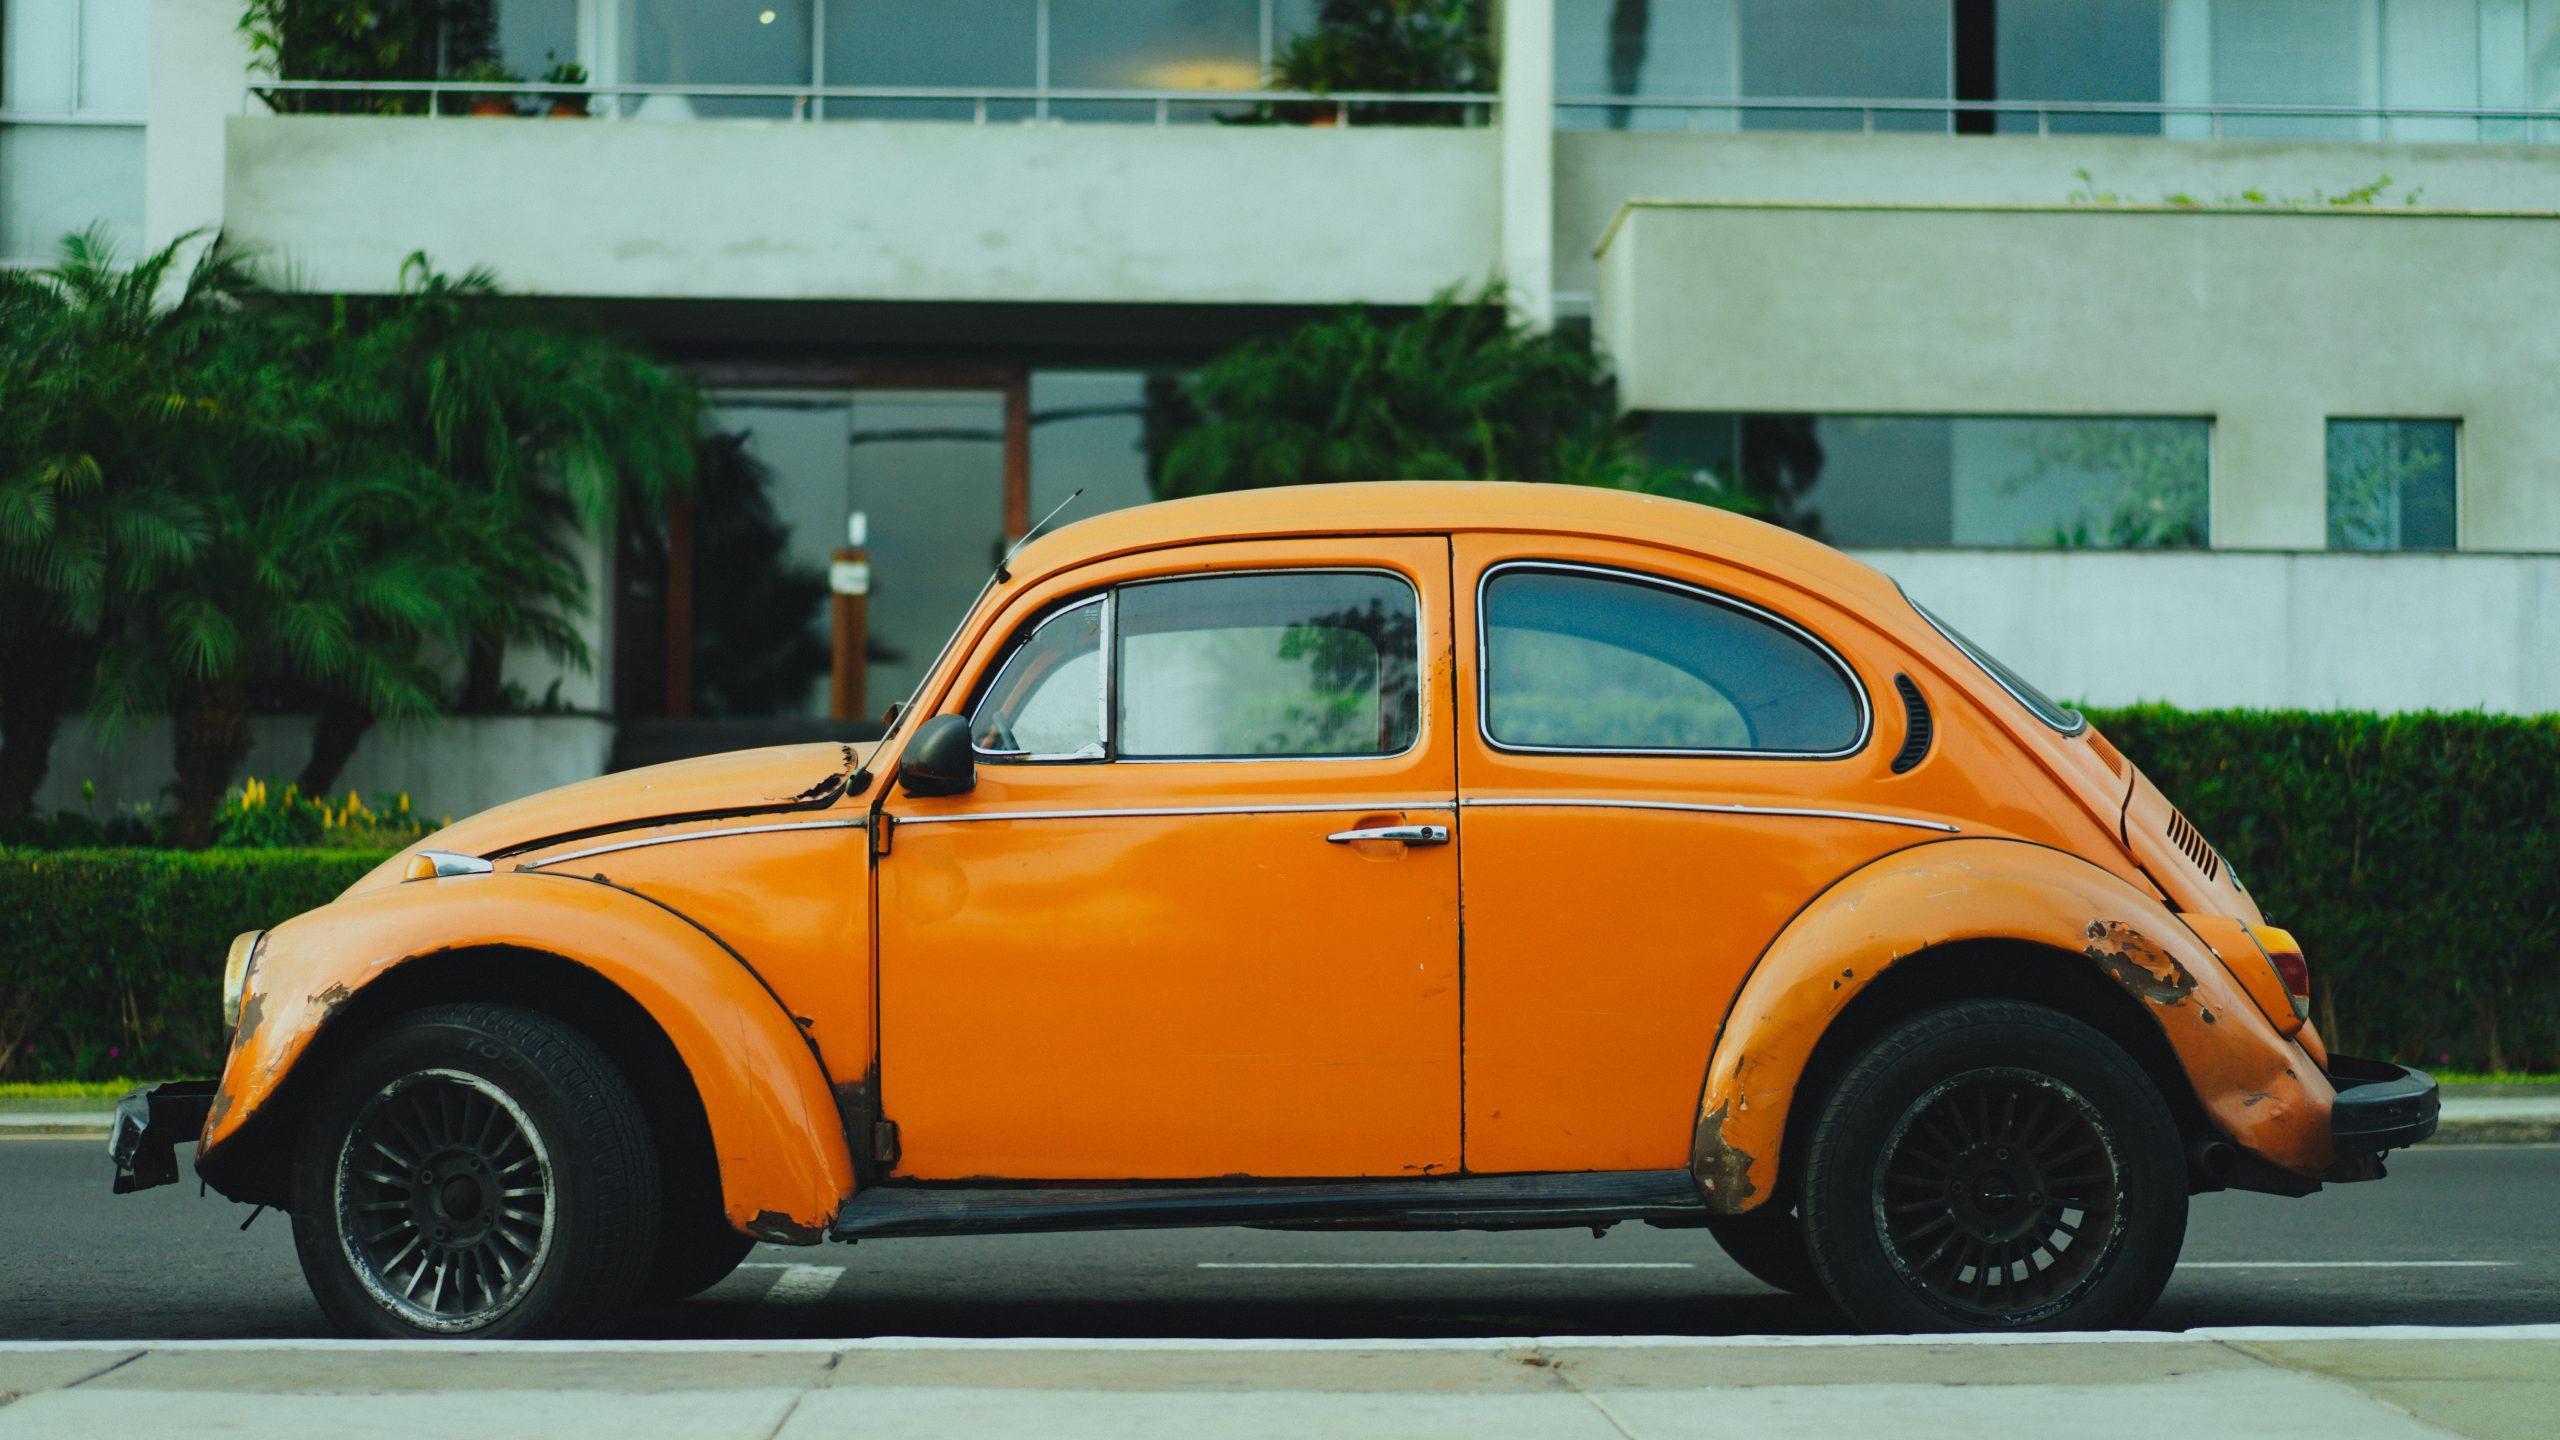 Brug god tid på at vælge den rigtige bil